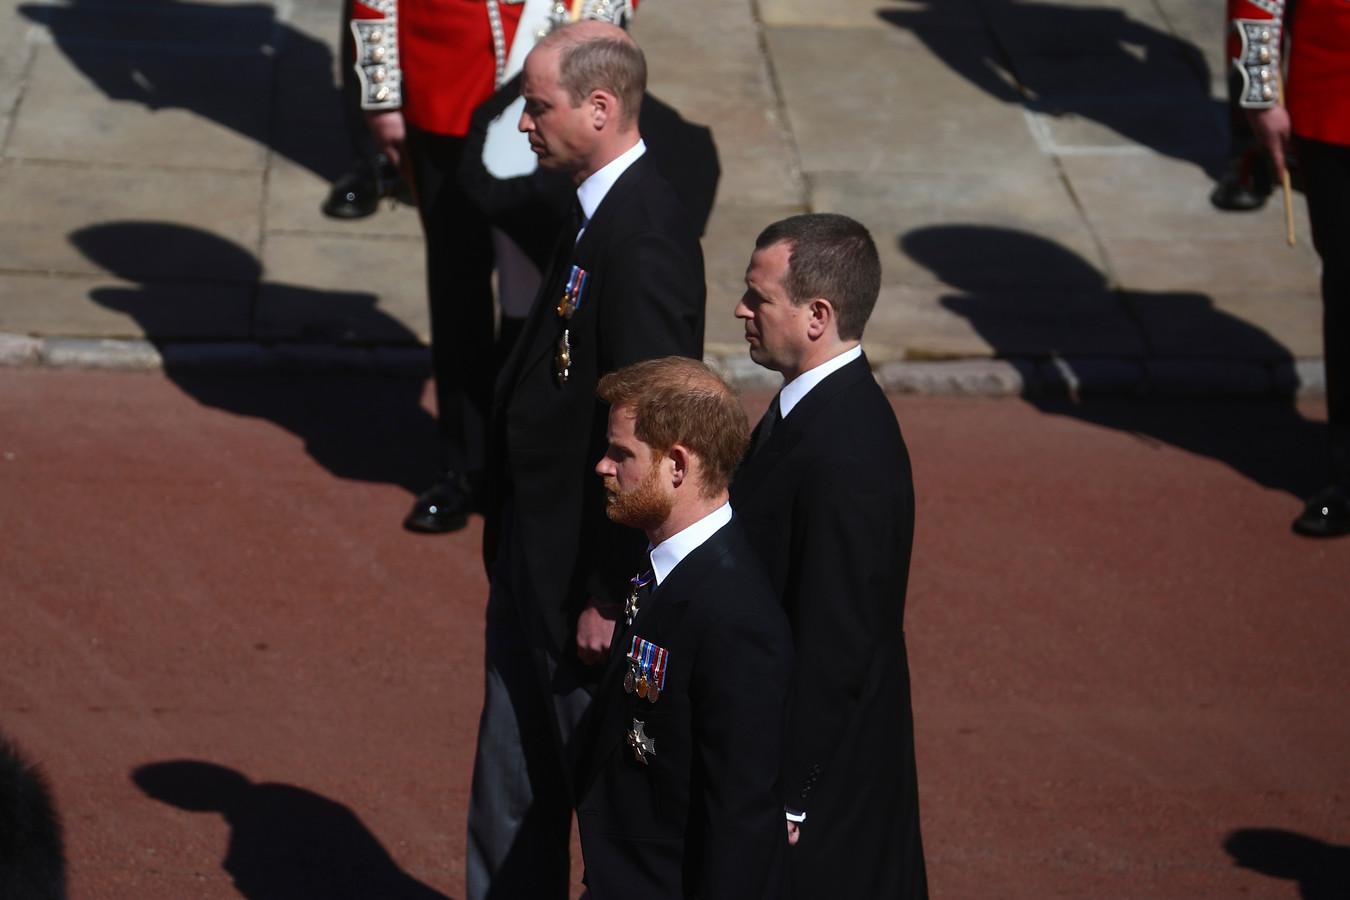 Harry en William, met Peter Philips tussen hen in.